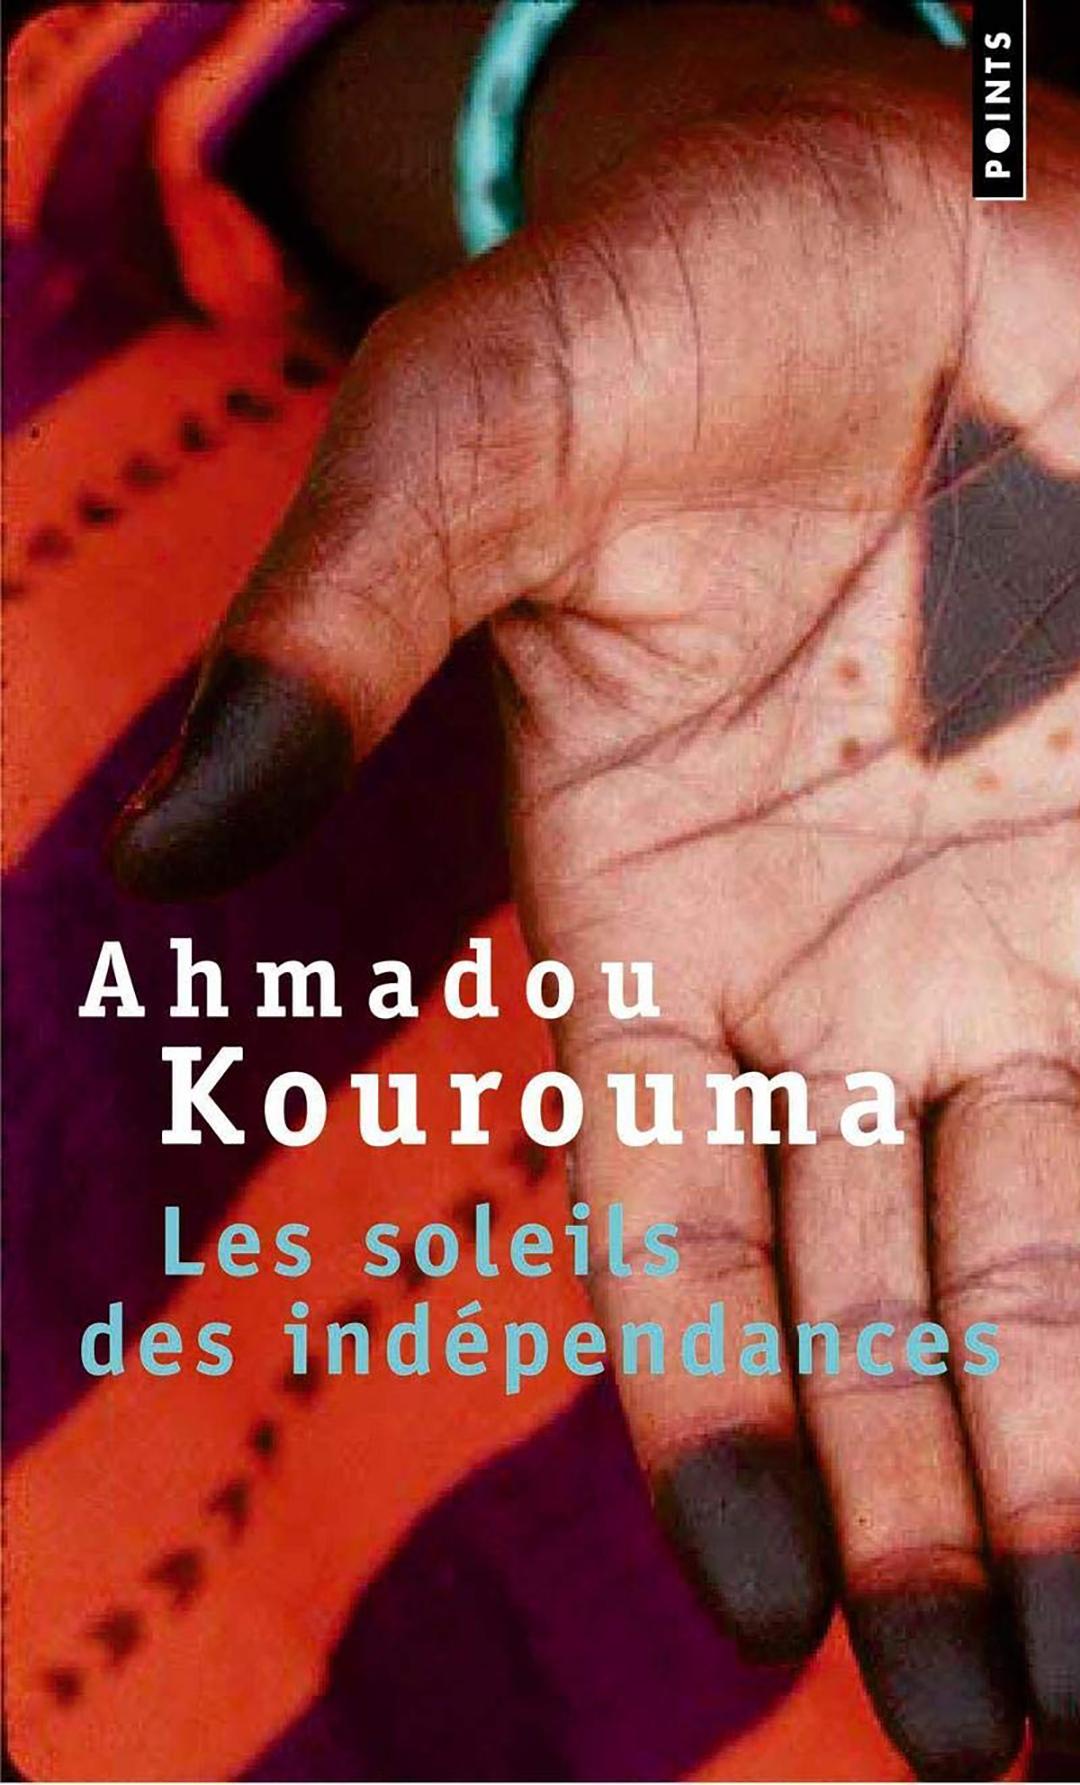 «Les Soleils des indépendances» est le premier roman d'Ahmadou Kourouma. D'abord édité aux Presses de l'Université de Montréal en 1968, il a ensuite été republié par les Éditions du Seuil en 1970.